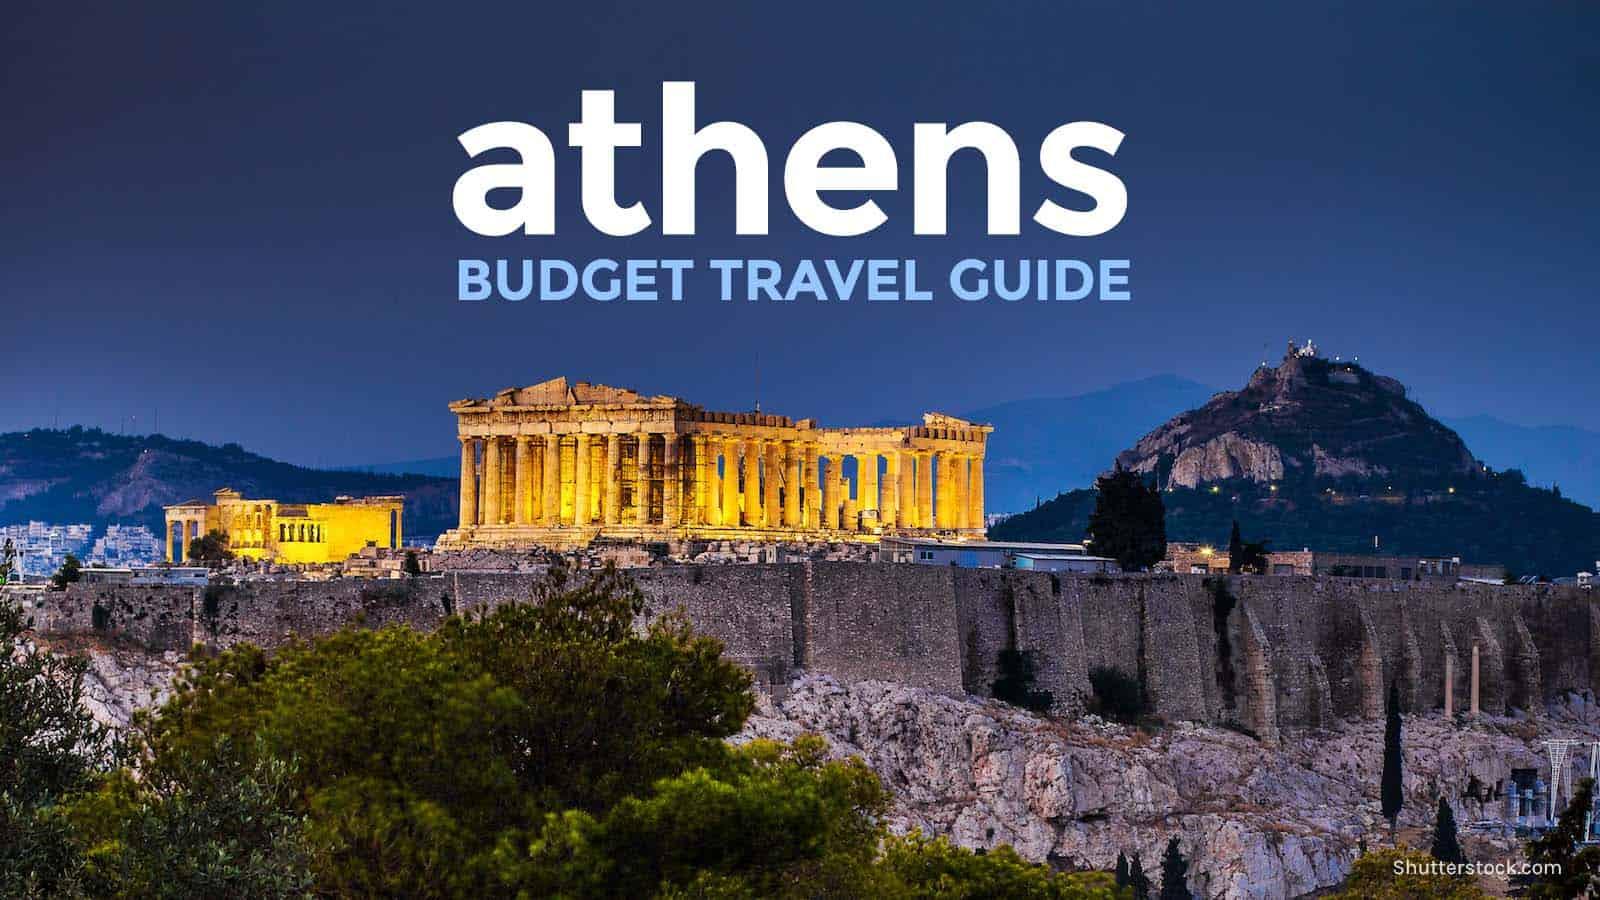 雅典旅游指南:行程、预算、可做的事 | 穷游者的行程博客